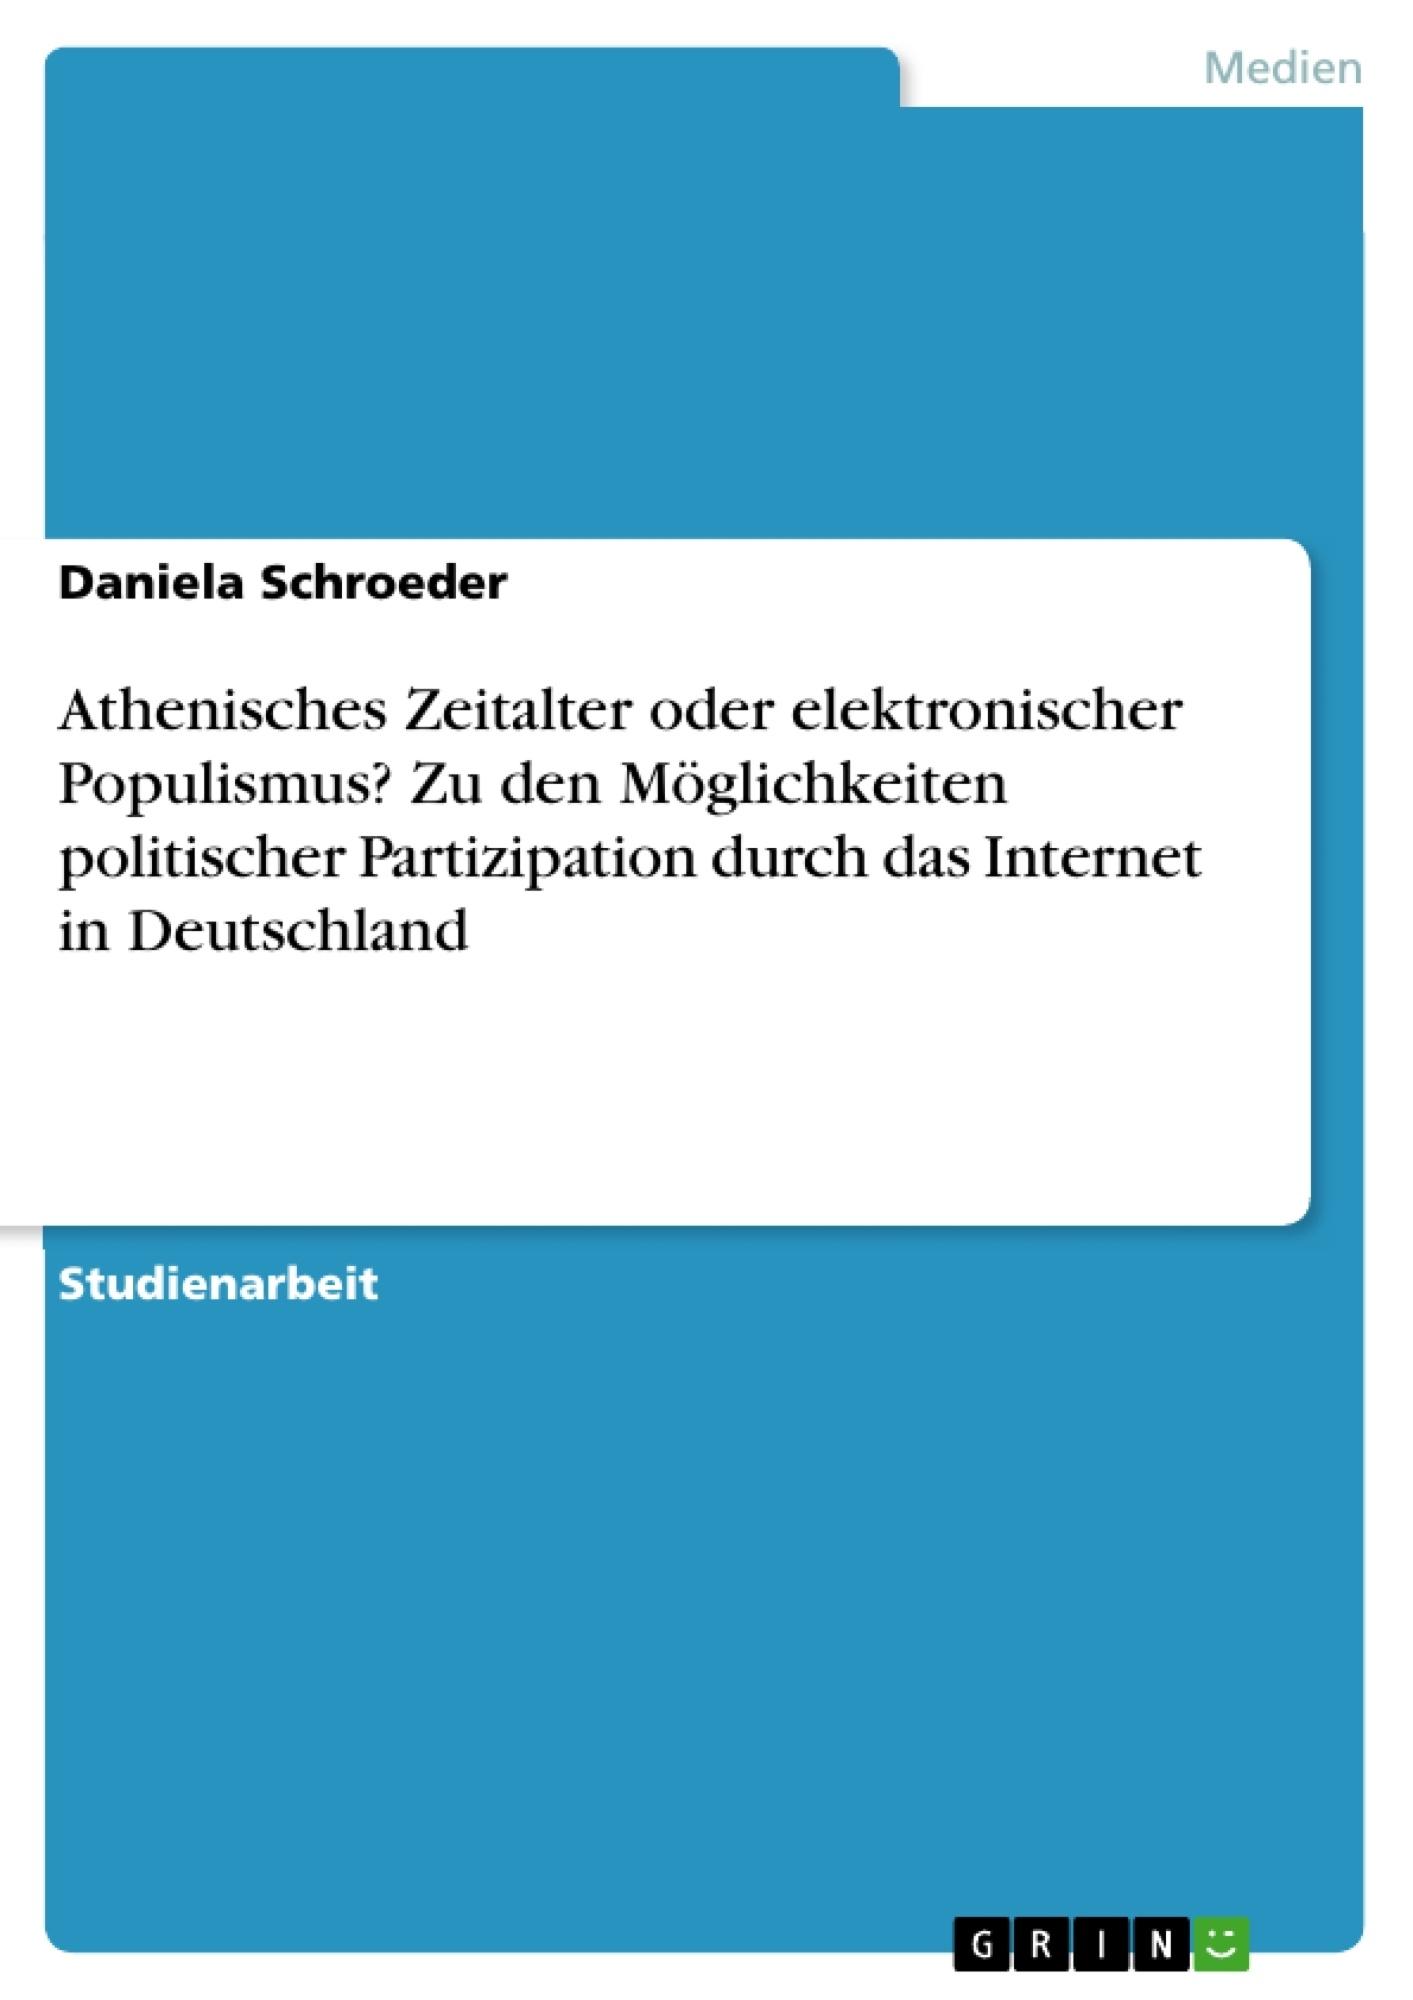 Titel: Athenisches Zeitalter oder elektronischer Populismus? Zu den Möglichkeiten politischer Partizipation durch das Internet in Deutschland